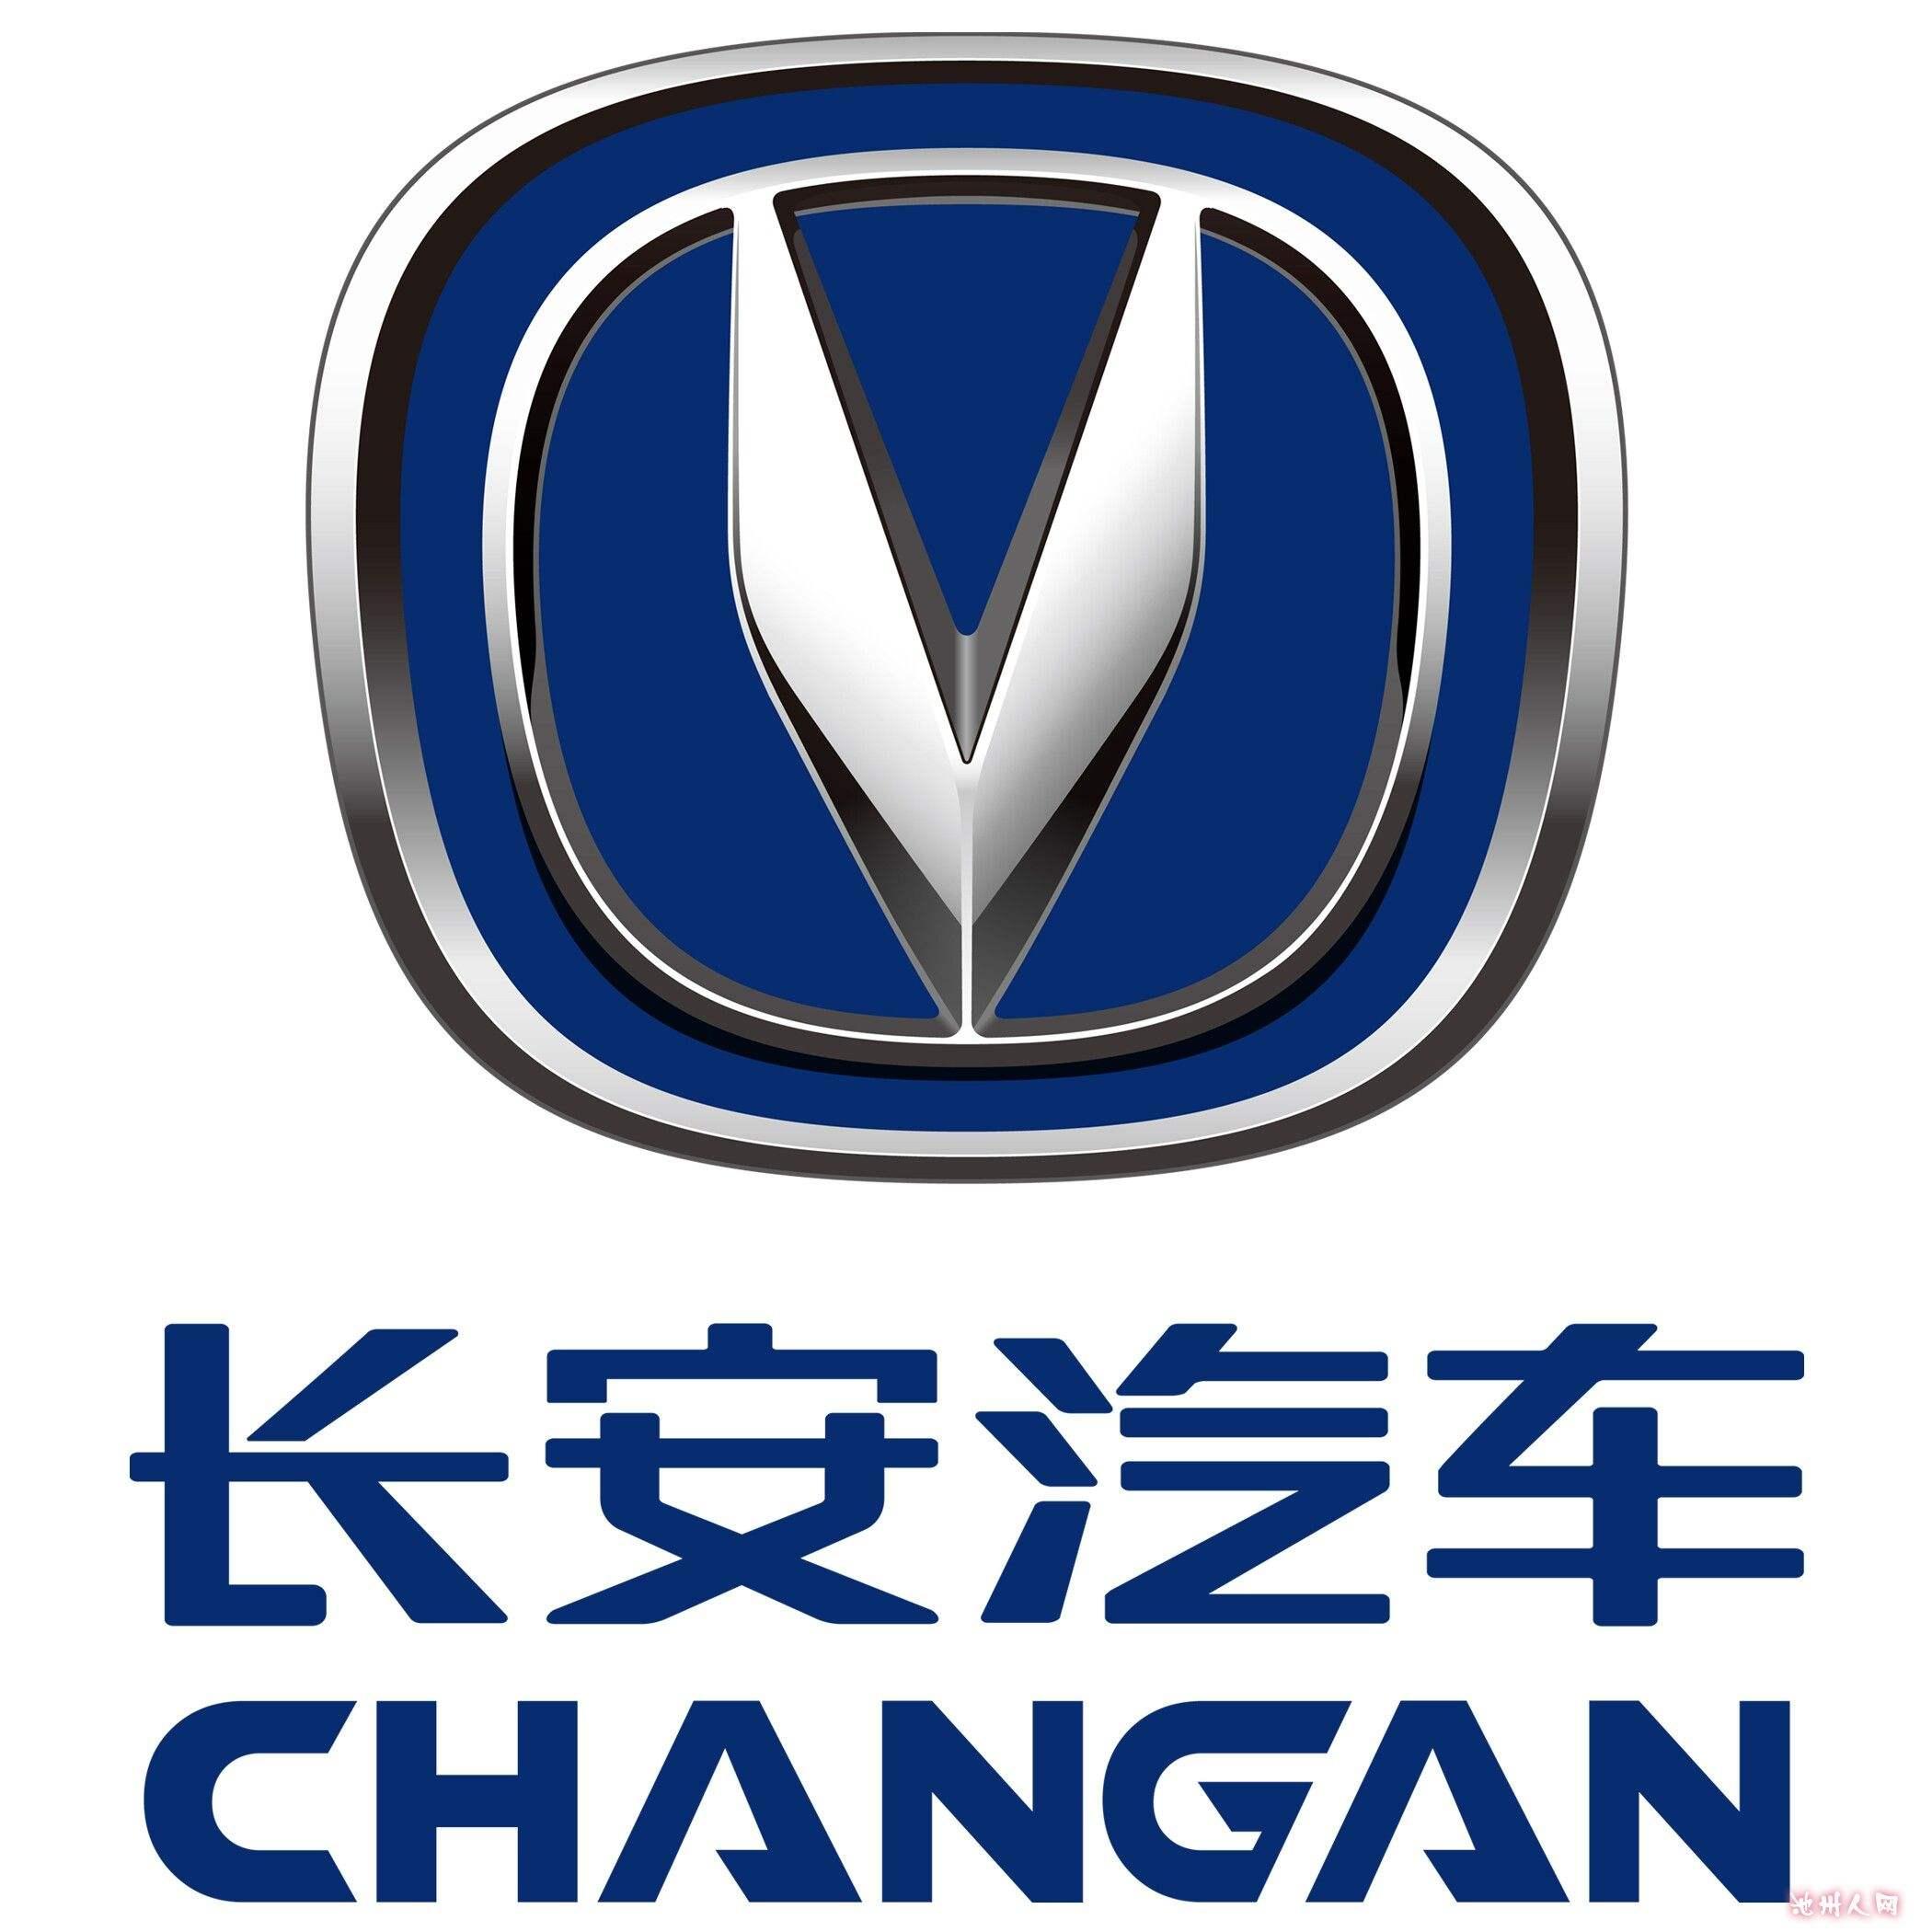 """近年来中国自主品牌的质量大幅度提升,""""中国造""""成为一种骄傲。下面就来说一说,中国自主品牌有哪些。除了常见的身影之外,其实还有一些小众的你不知道哟。以下是根据热心网友整理出来的,快来看看你都认识吗? 中国四大汽车集团 中国自主品牌中有四大汽车集团,分别为中国长安汽车集团、第一汽车集团、上海汽车集团、东风汽车集团。其中中国长安汽车集团最有名的自主品牌莫过于长安跟陆风了,而第一汽车集团因为红旗单飞,所以最有名的大概是夏利。上汽的荣威以及五菱这两年好车不断,要给个赞。东风汽车集团的东风风神"""